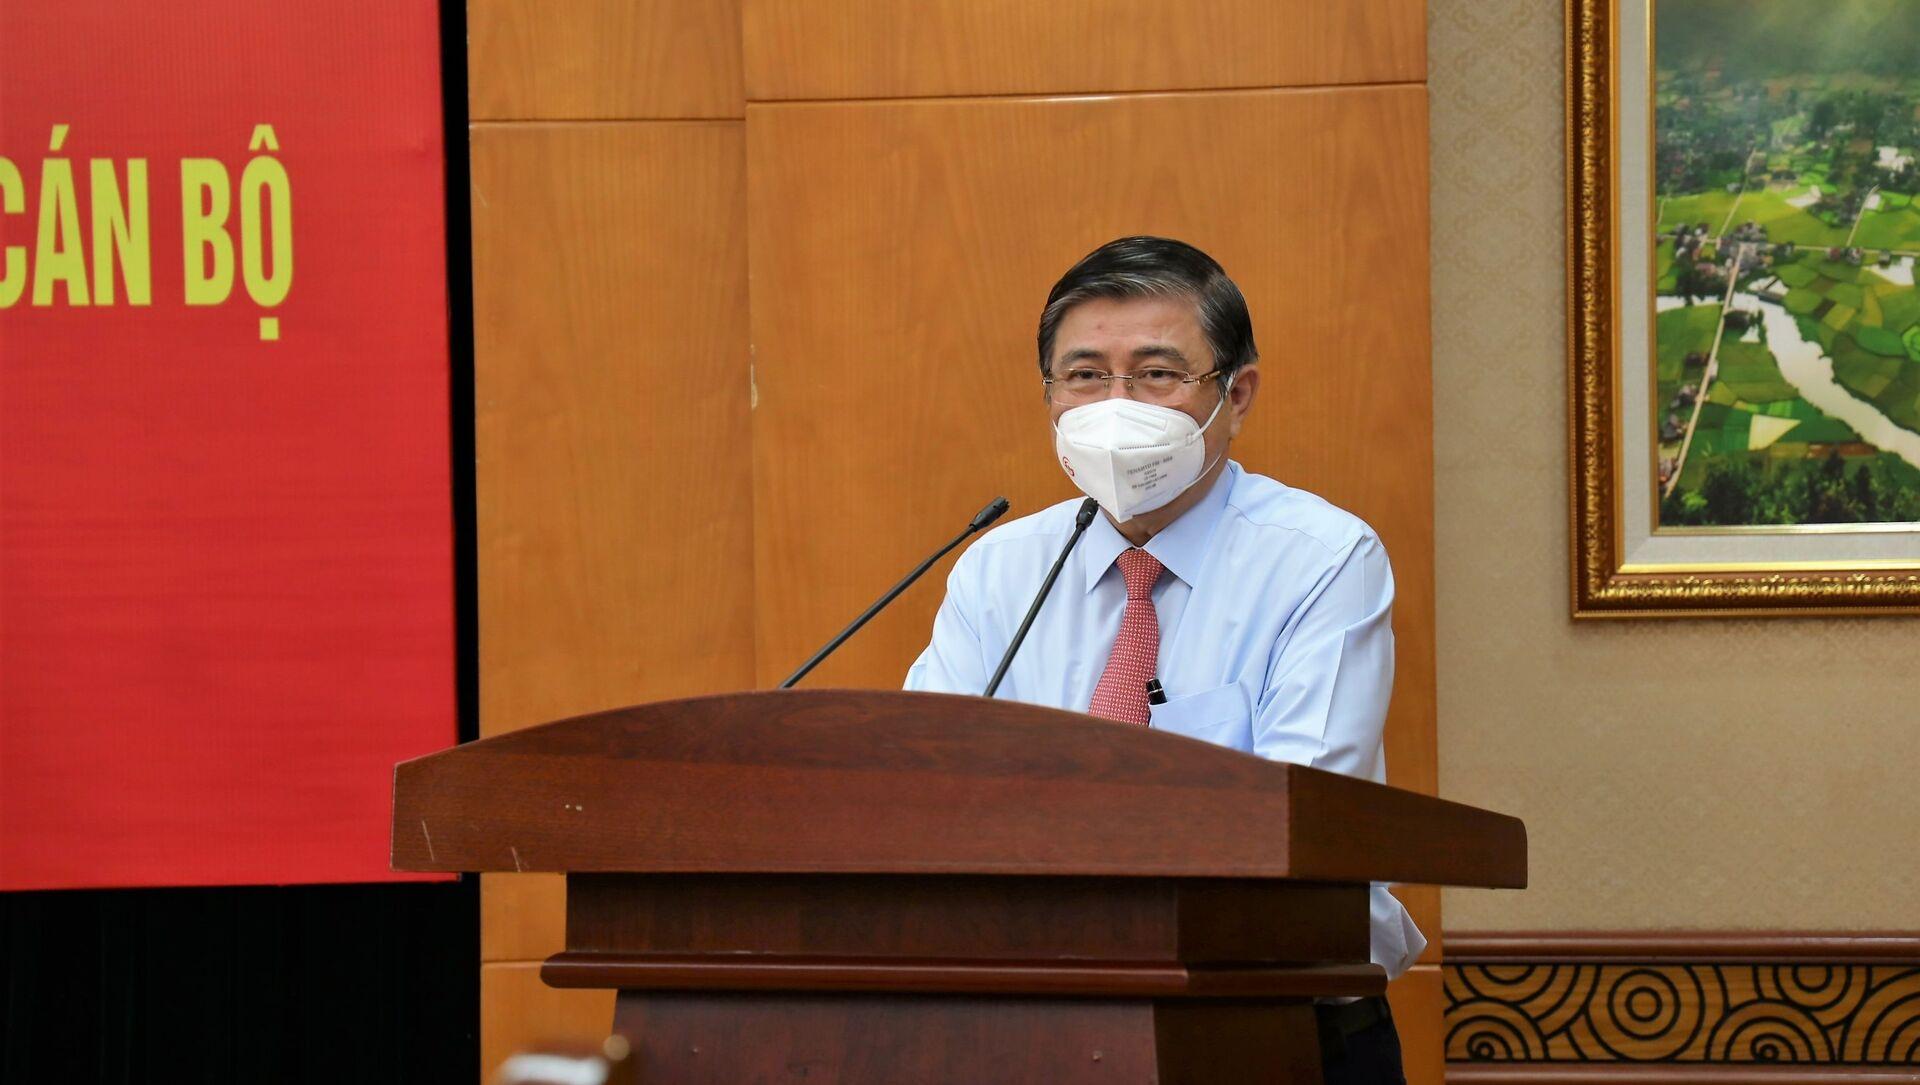 Đồng chí Nguyễn Thành Phong, Uỷ viên Trung ương Đảng, Phó trưởng Ban Kinh tế Trung ương phát biểu tại hội nghị. - Sputnik Việt Nam, 1920, 26.08.2021